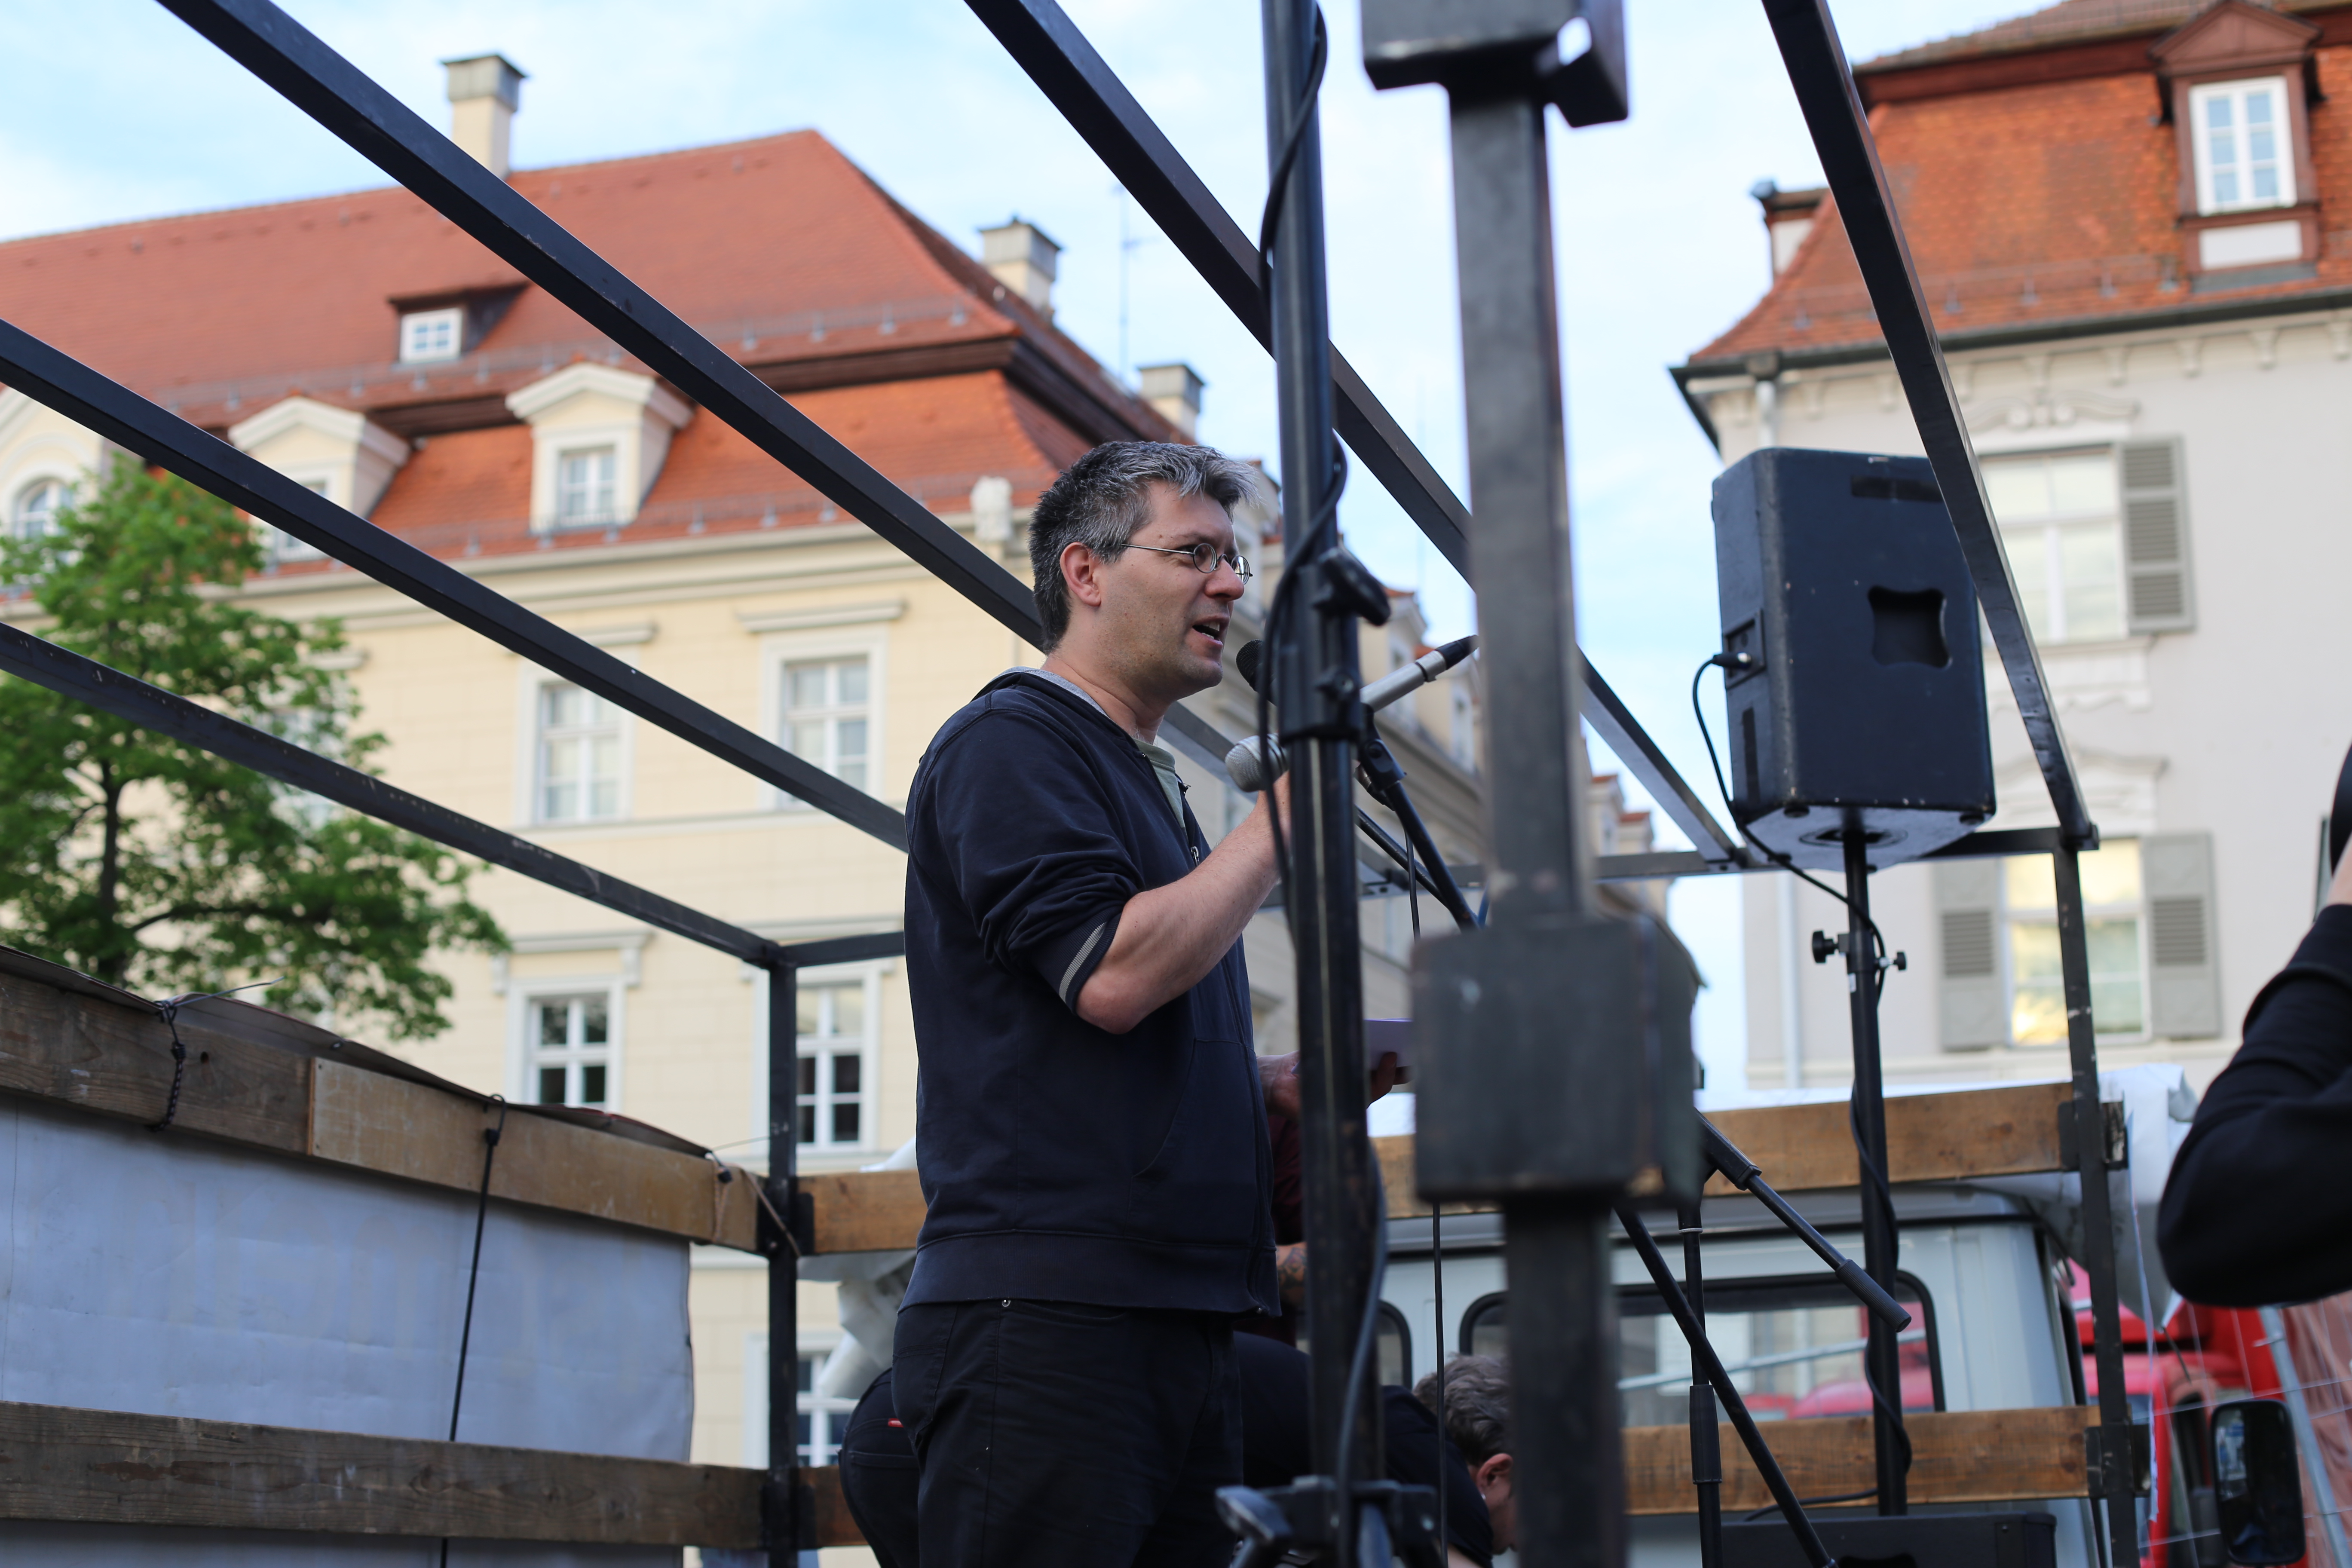 Mitorganisator der Kundgebung am Bismarckplatz: Florian Gmeiner von den Scants of Grace. Fotos: ld.